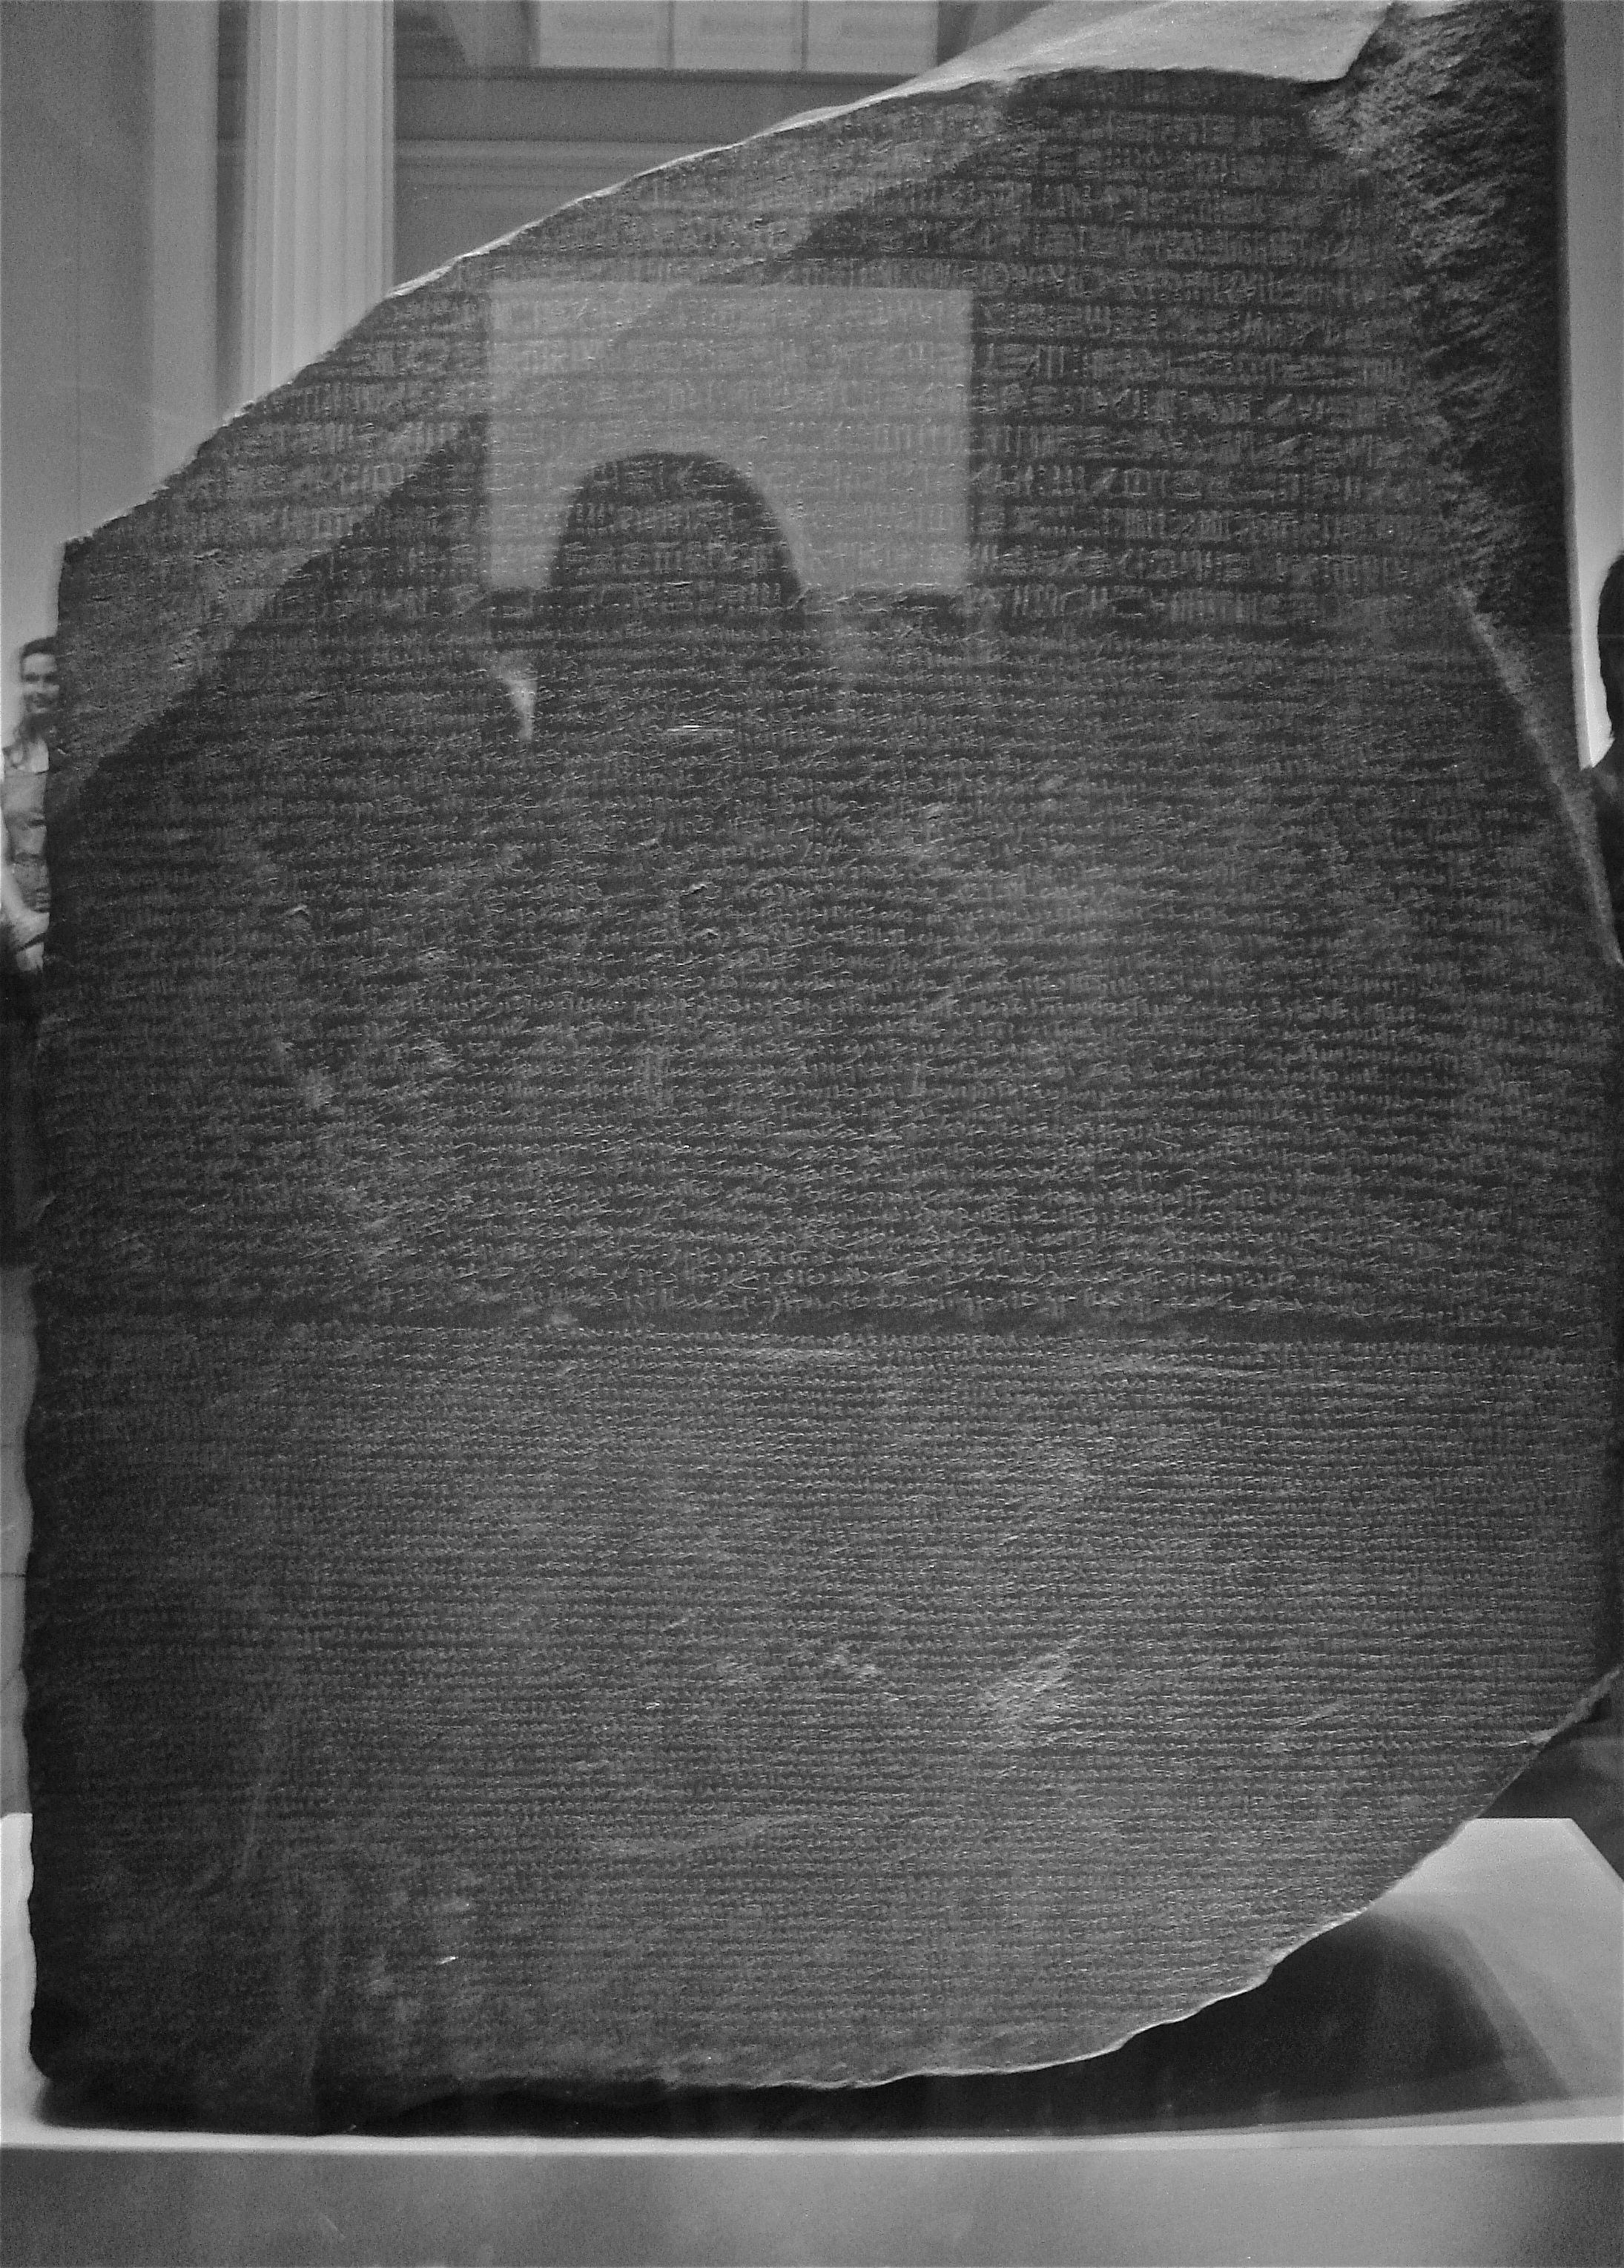 The Rosetta Stone British Museum, London